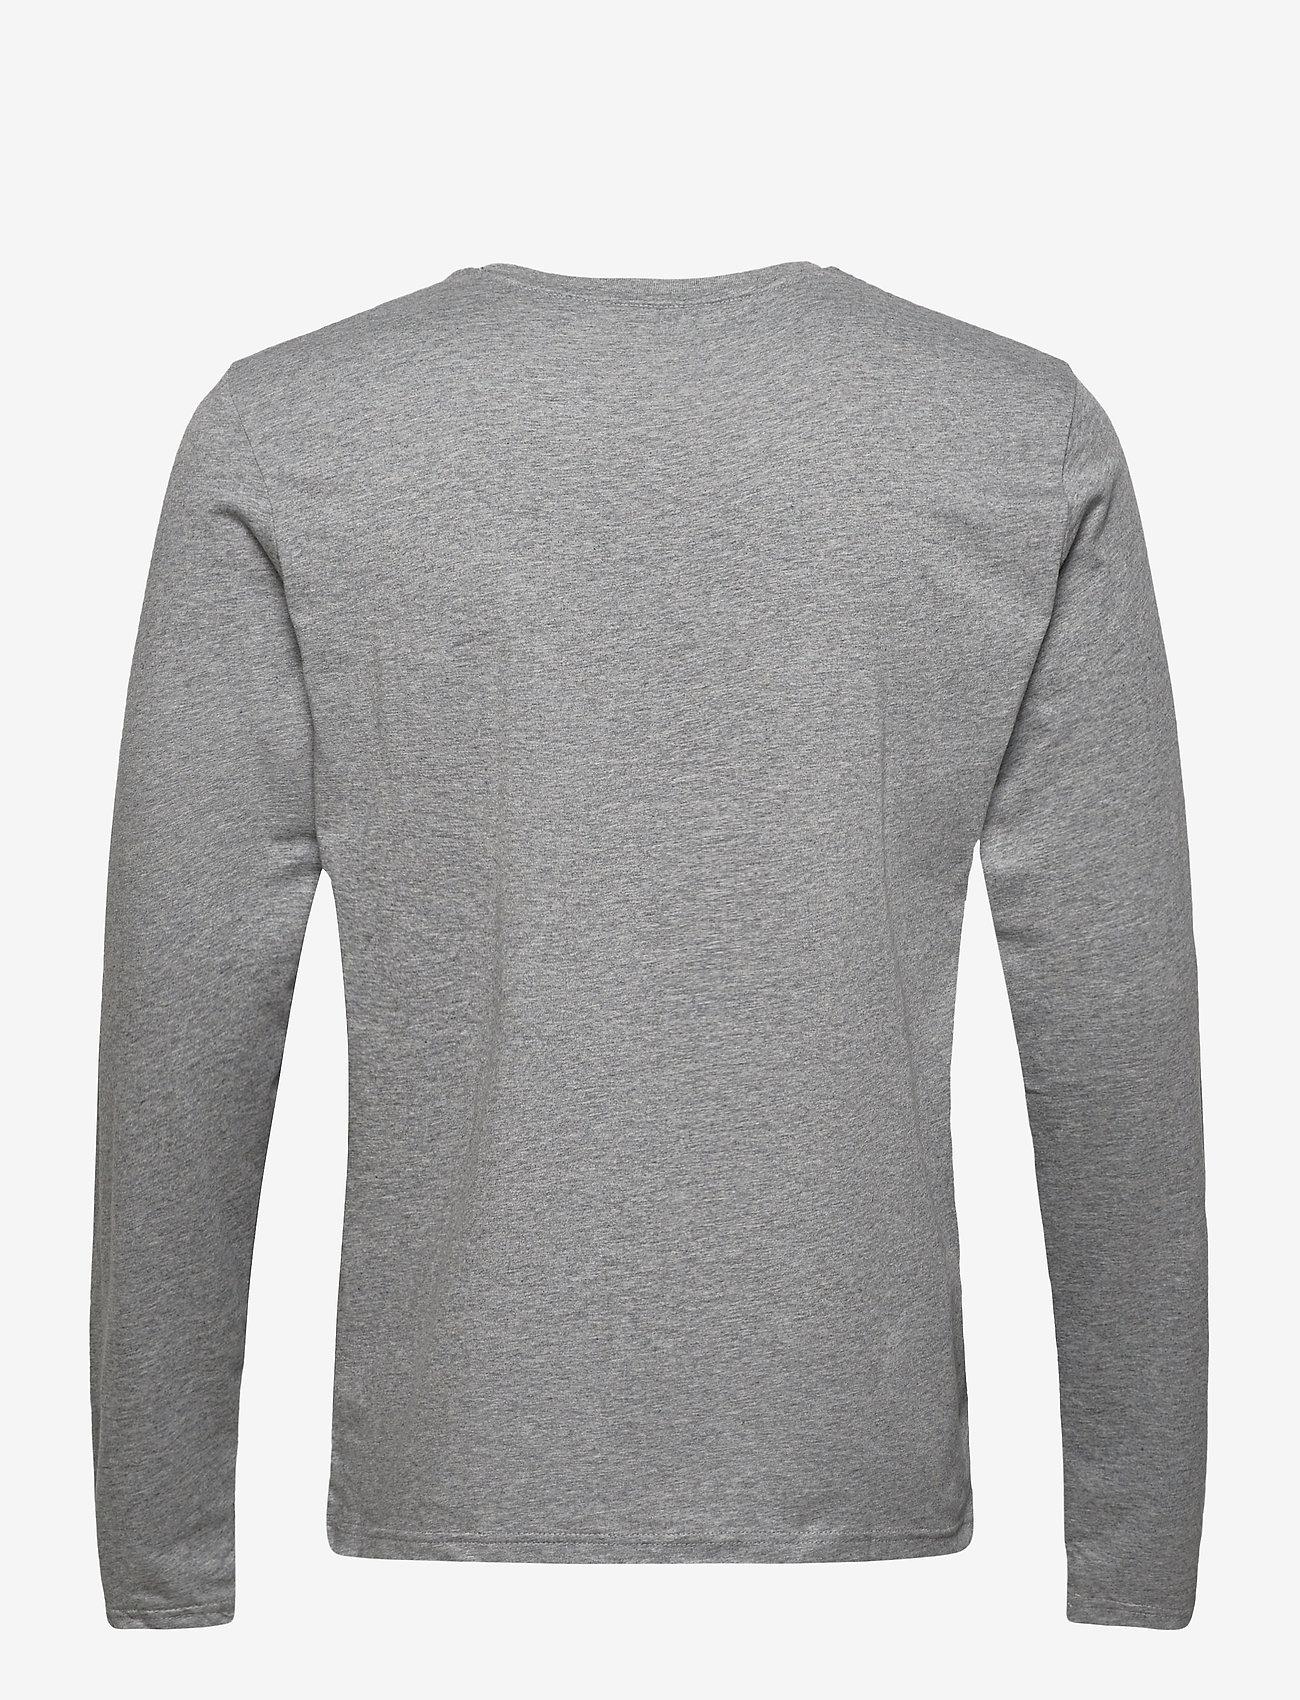 GANT GANT LOCK UP LS T-SHIRT - T-skjorter GREY MELANGE - Menn Klær